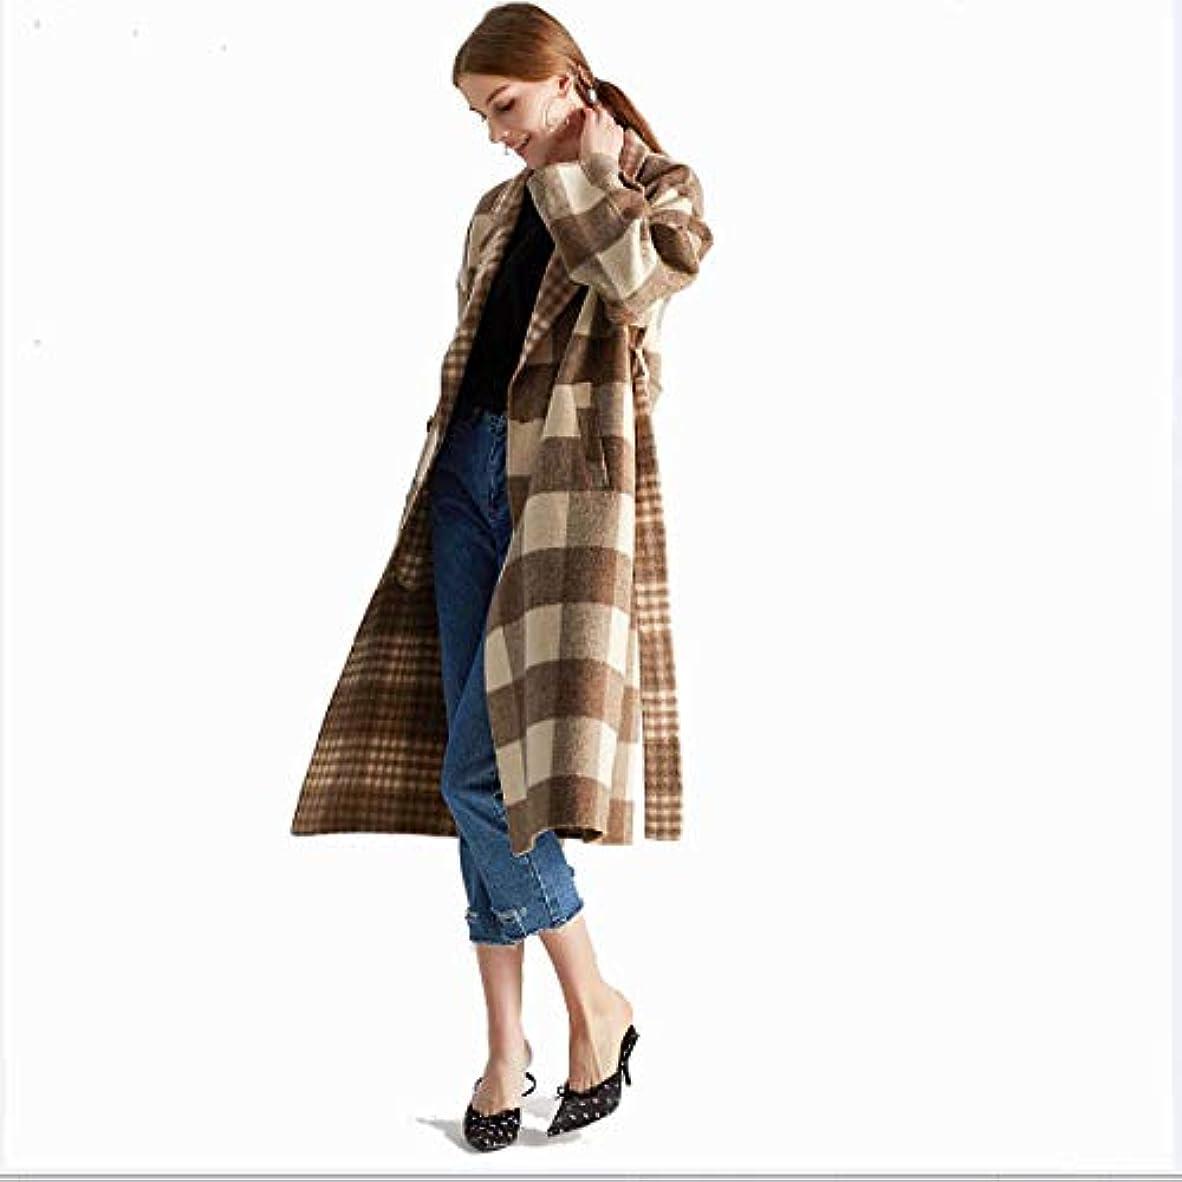 散る遠いびっくりロングコート、タータンチェックの両面カシミヤのコート手作りのウールコートウールドレス婦人服,L